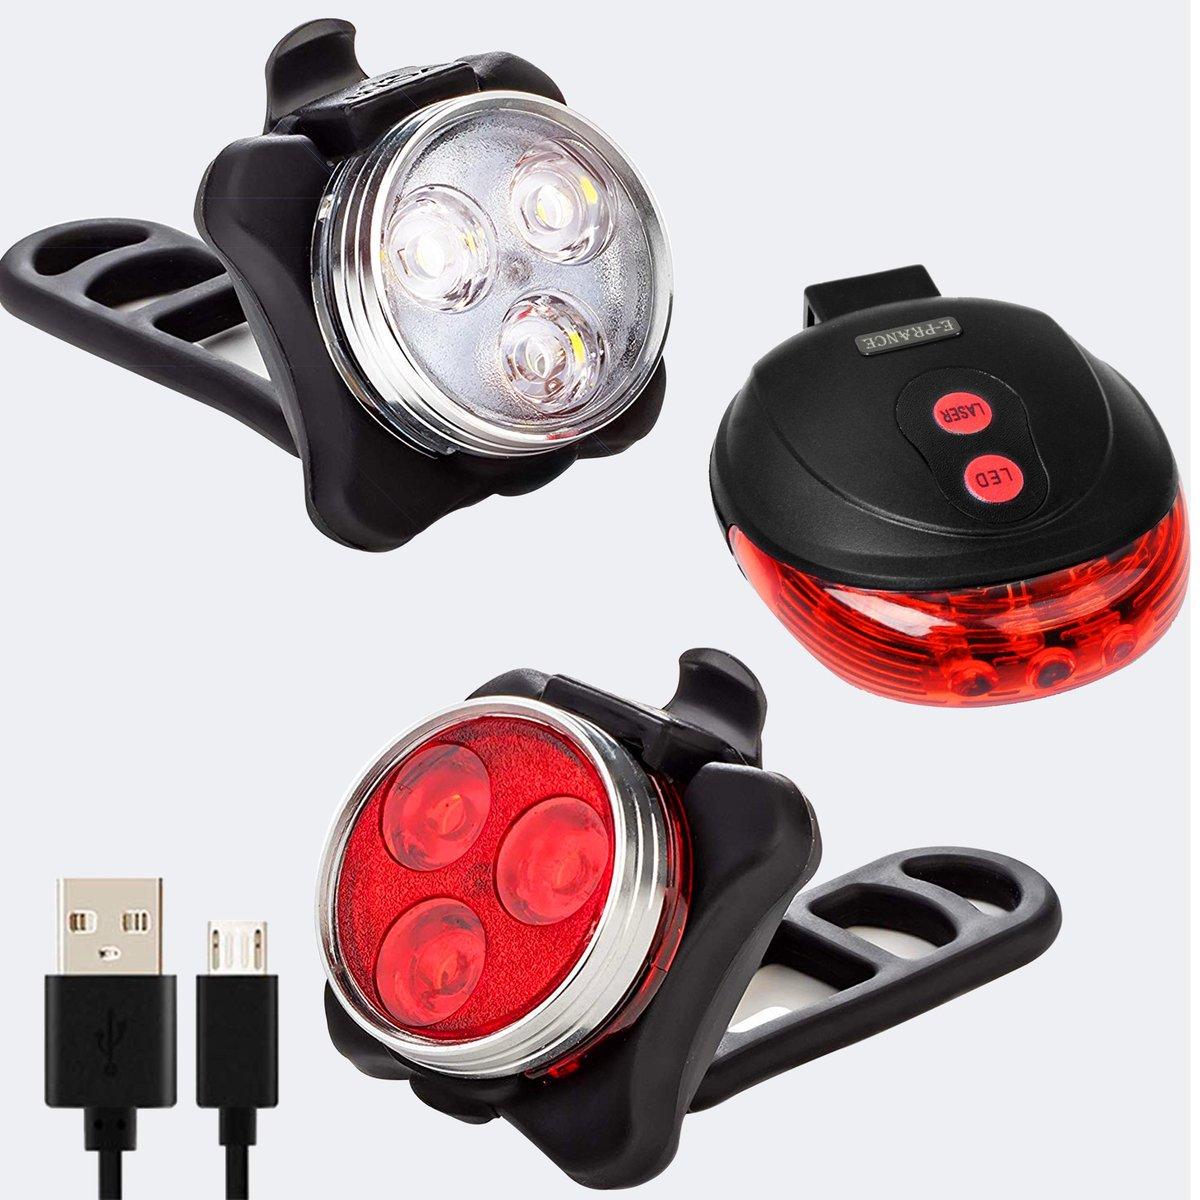 Fietsverlichting - Fietslamp LED Oplaadbaar + Gratis Laserlamp -  Maar liefst 50m bereik!